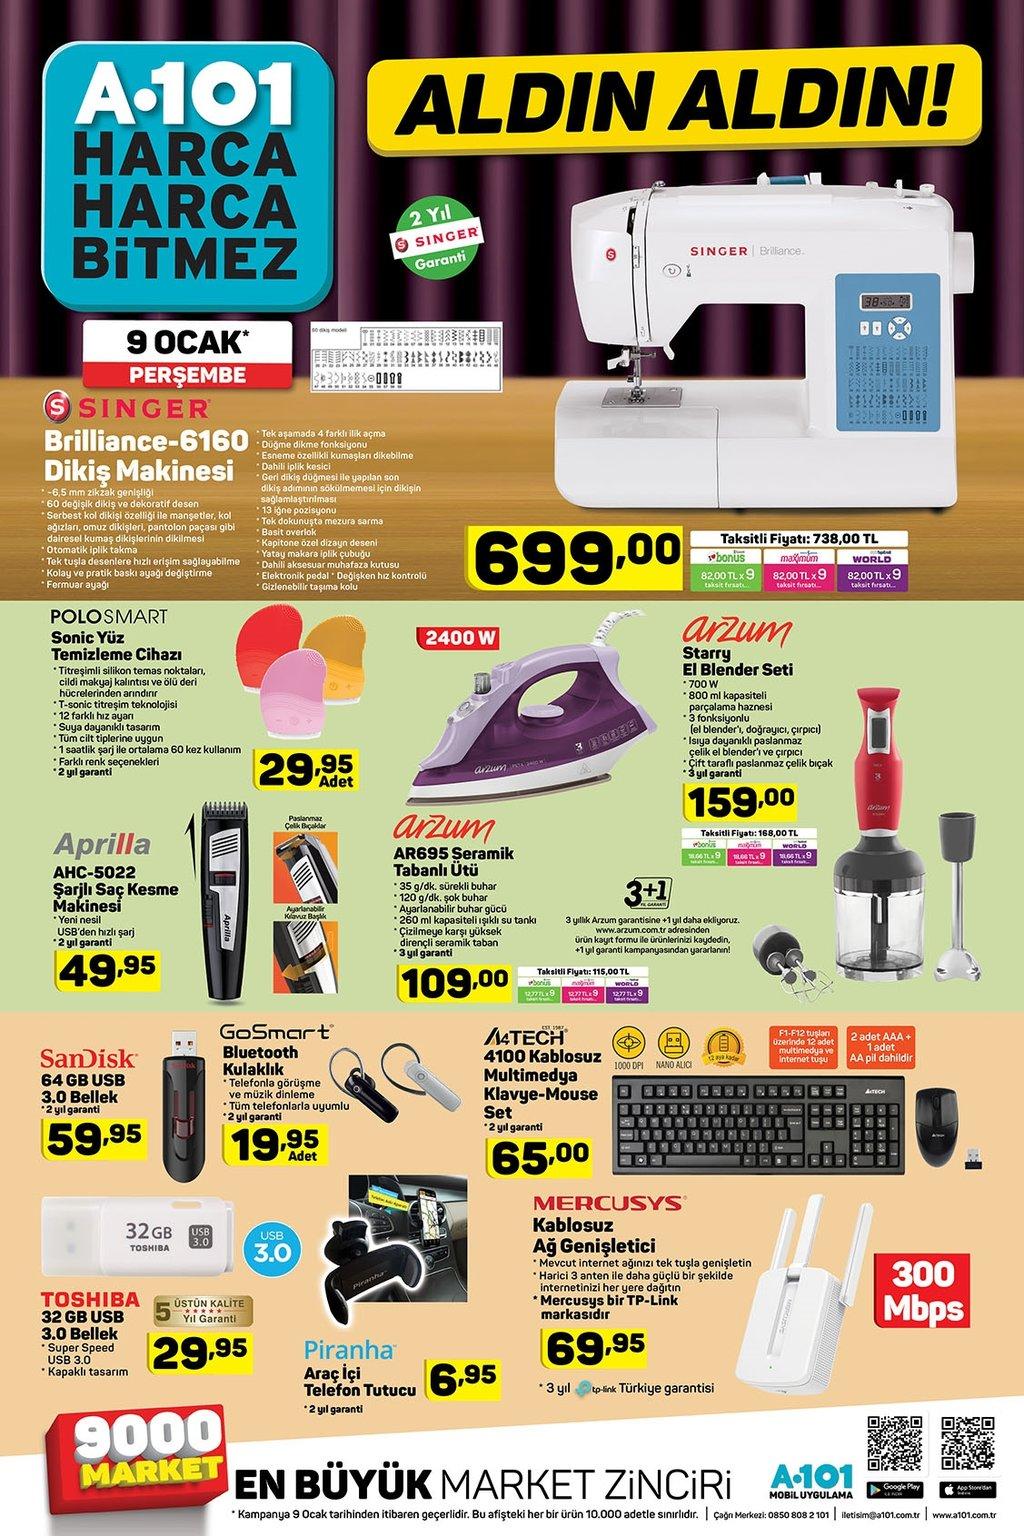 A101 aktüel ürünler kataloğu 9 Ocak Perşembe!